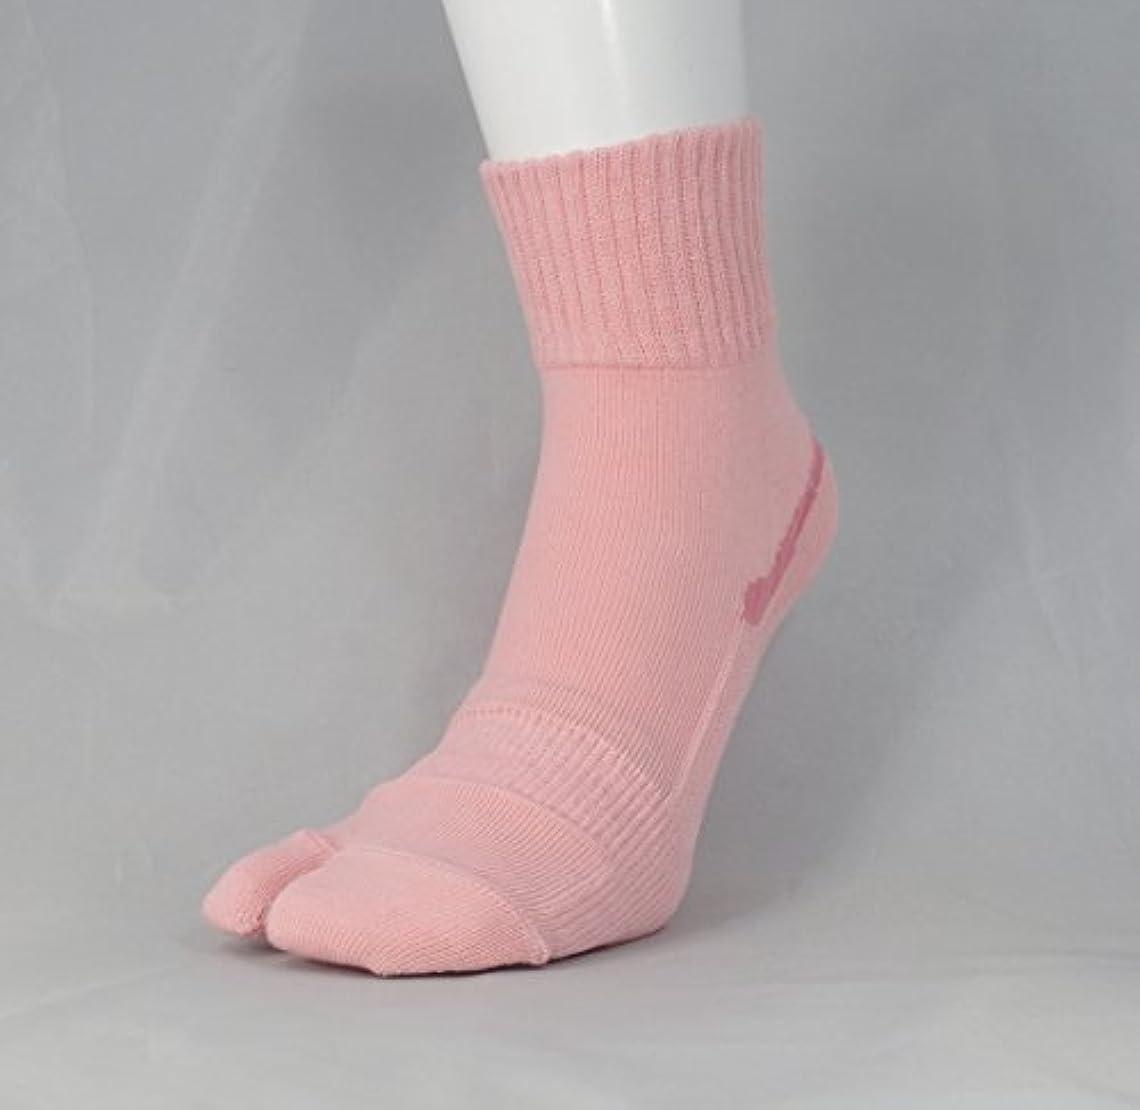 ピッチャーコンソールテーマ【あしサポ】履くだけで足がラクにひらく靴下 外反母趾に (Mサイズ(23-24センチ), ピンク)